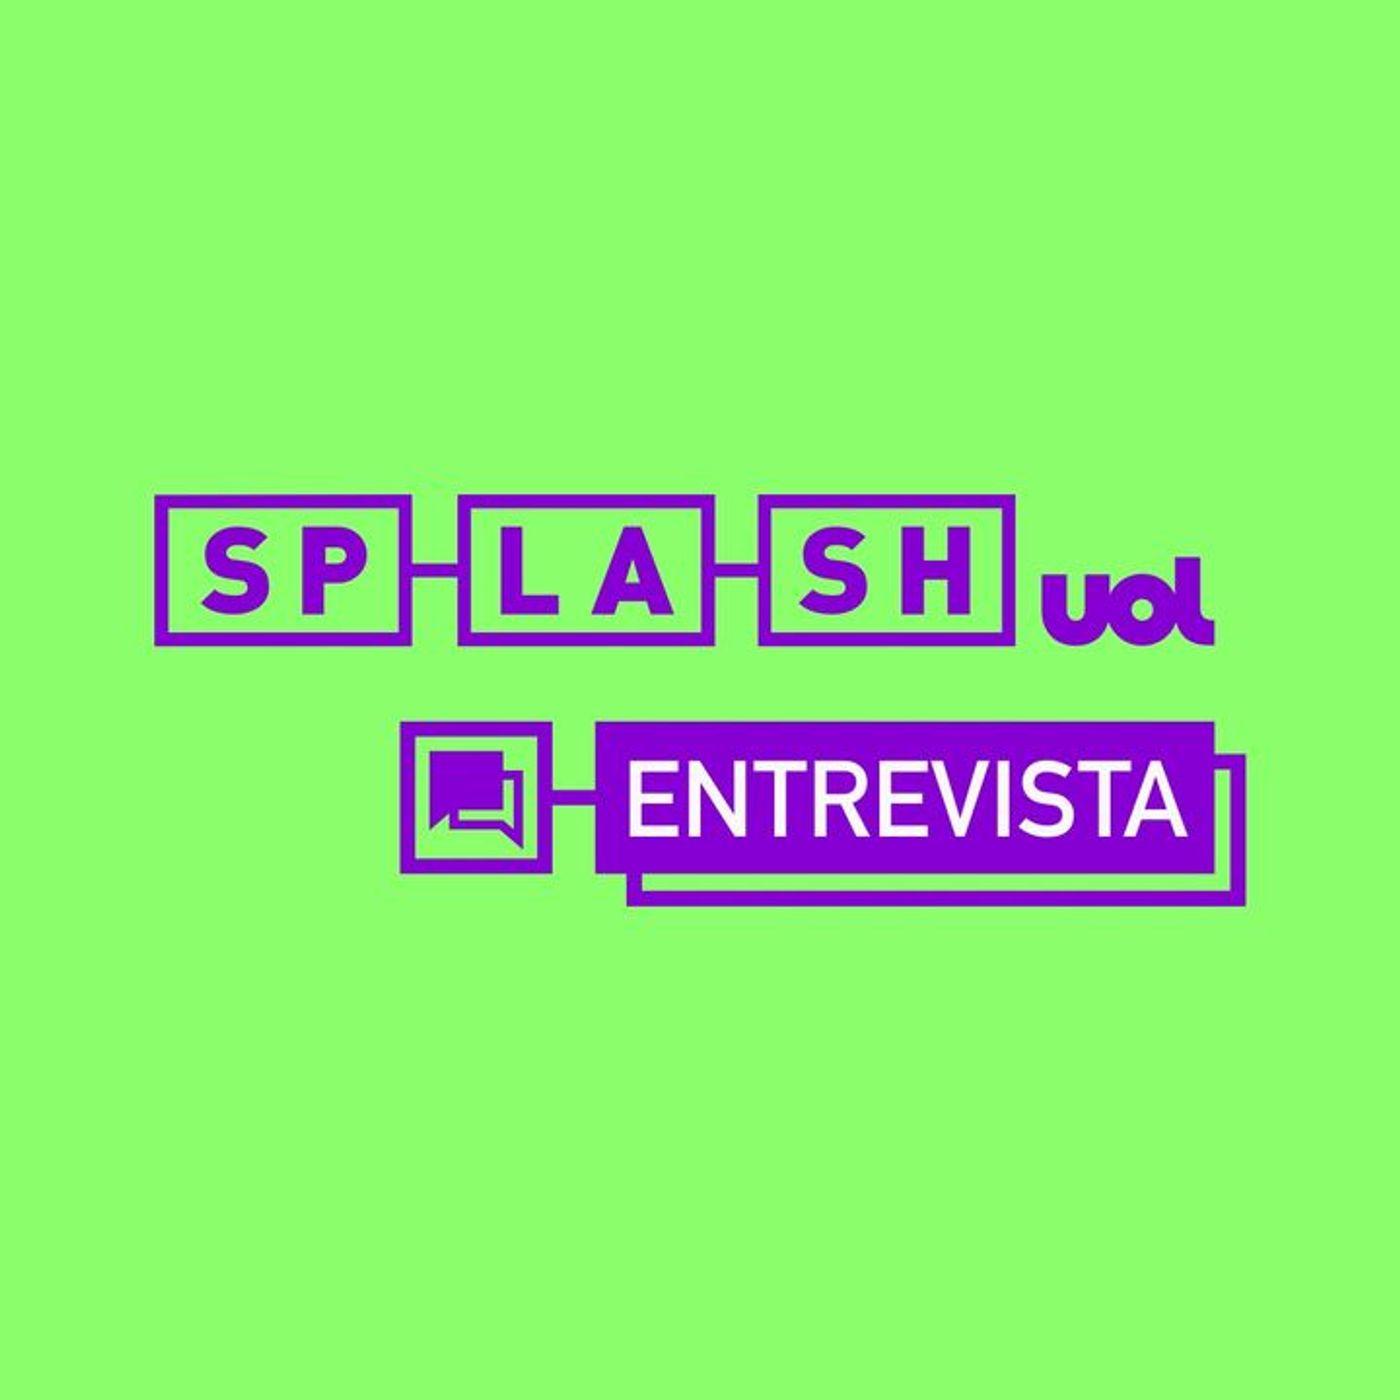 Splash Entrevista #24: Marcelo Bonfá lança disco e fala de briga judicial pelo nome Legião Urbana